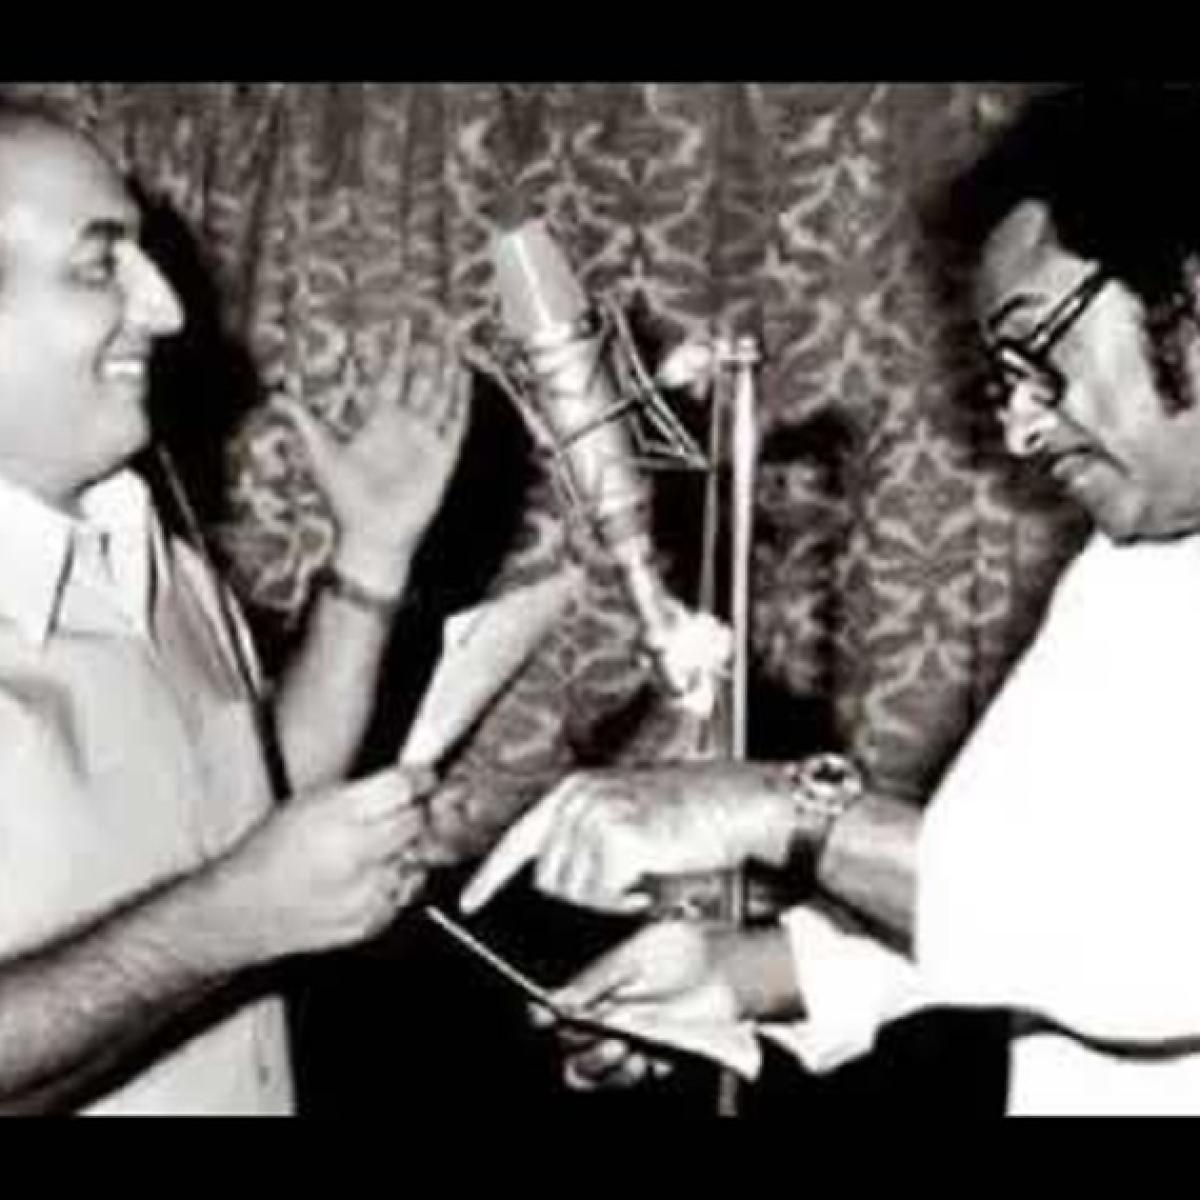 Mohammad Rafi Vs Kishore Kumar: Take your pick